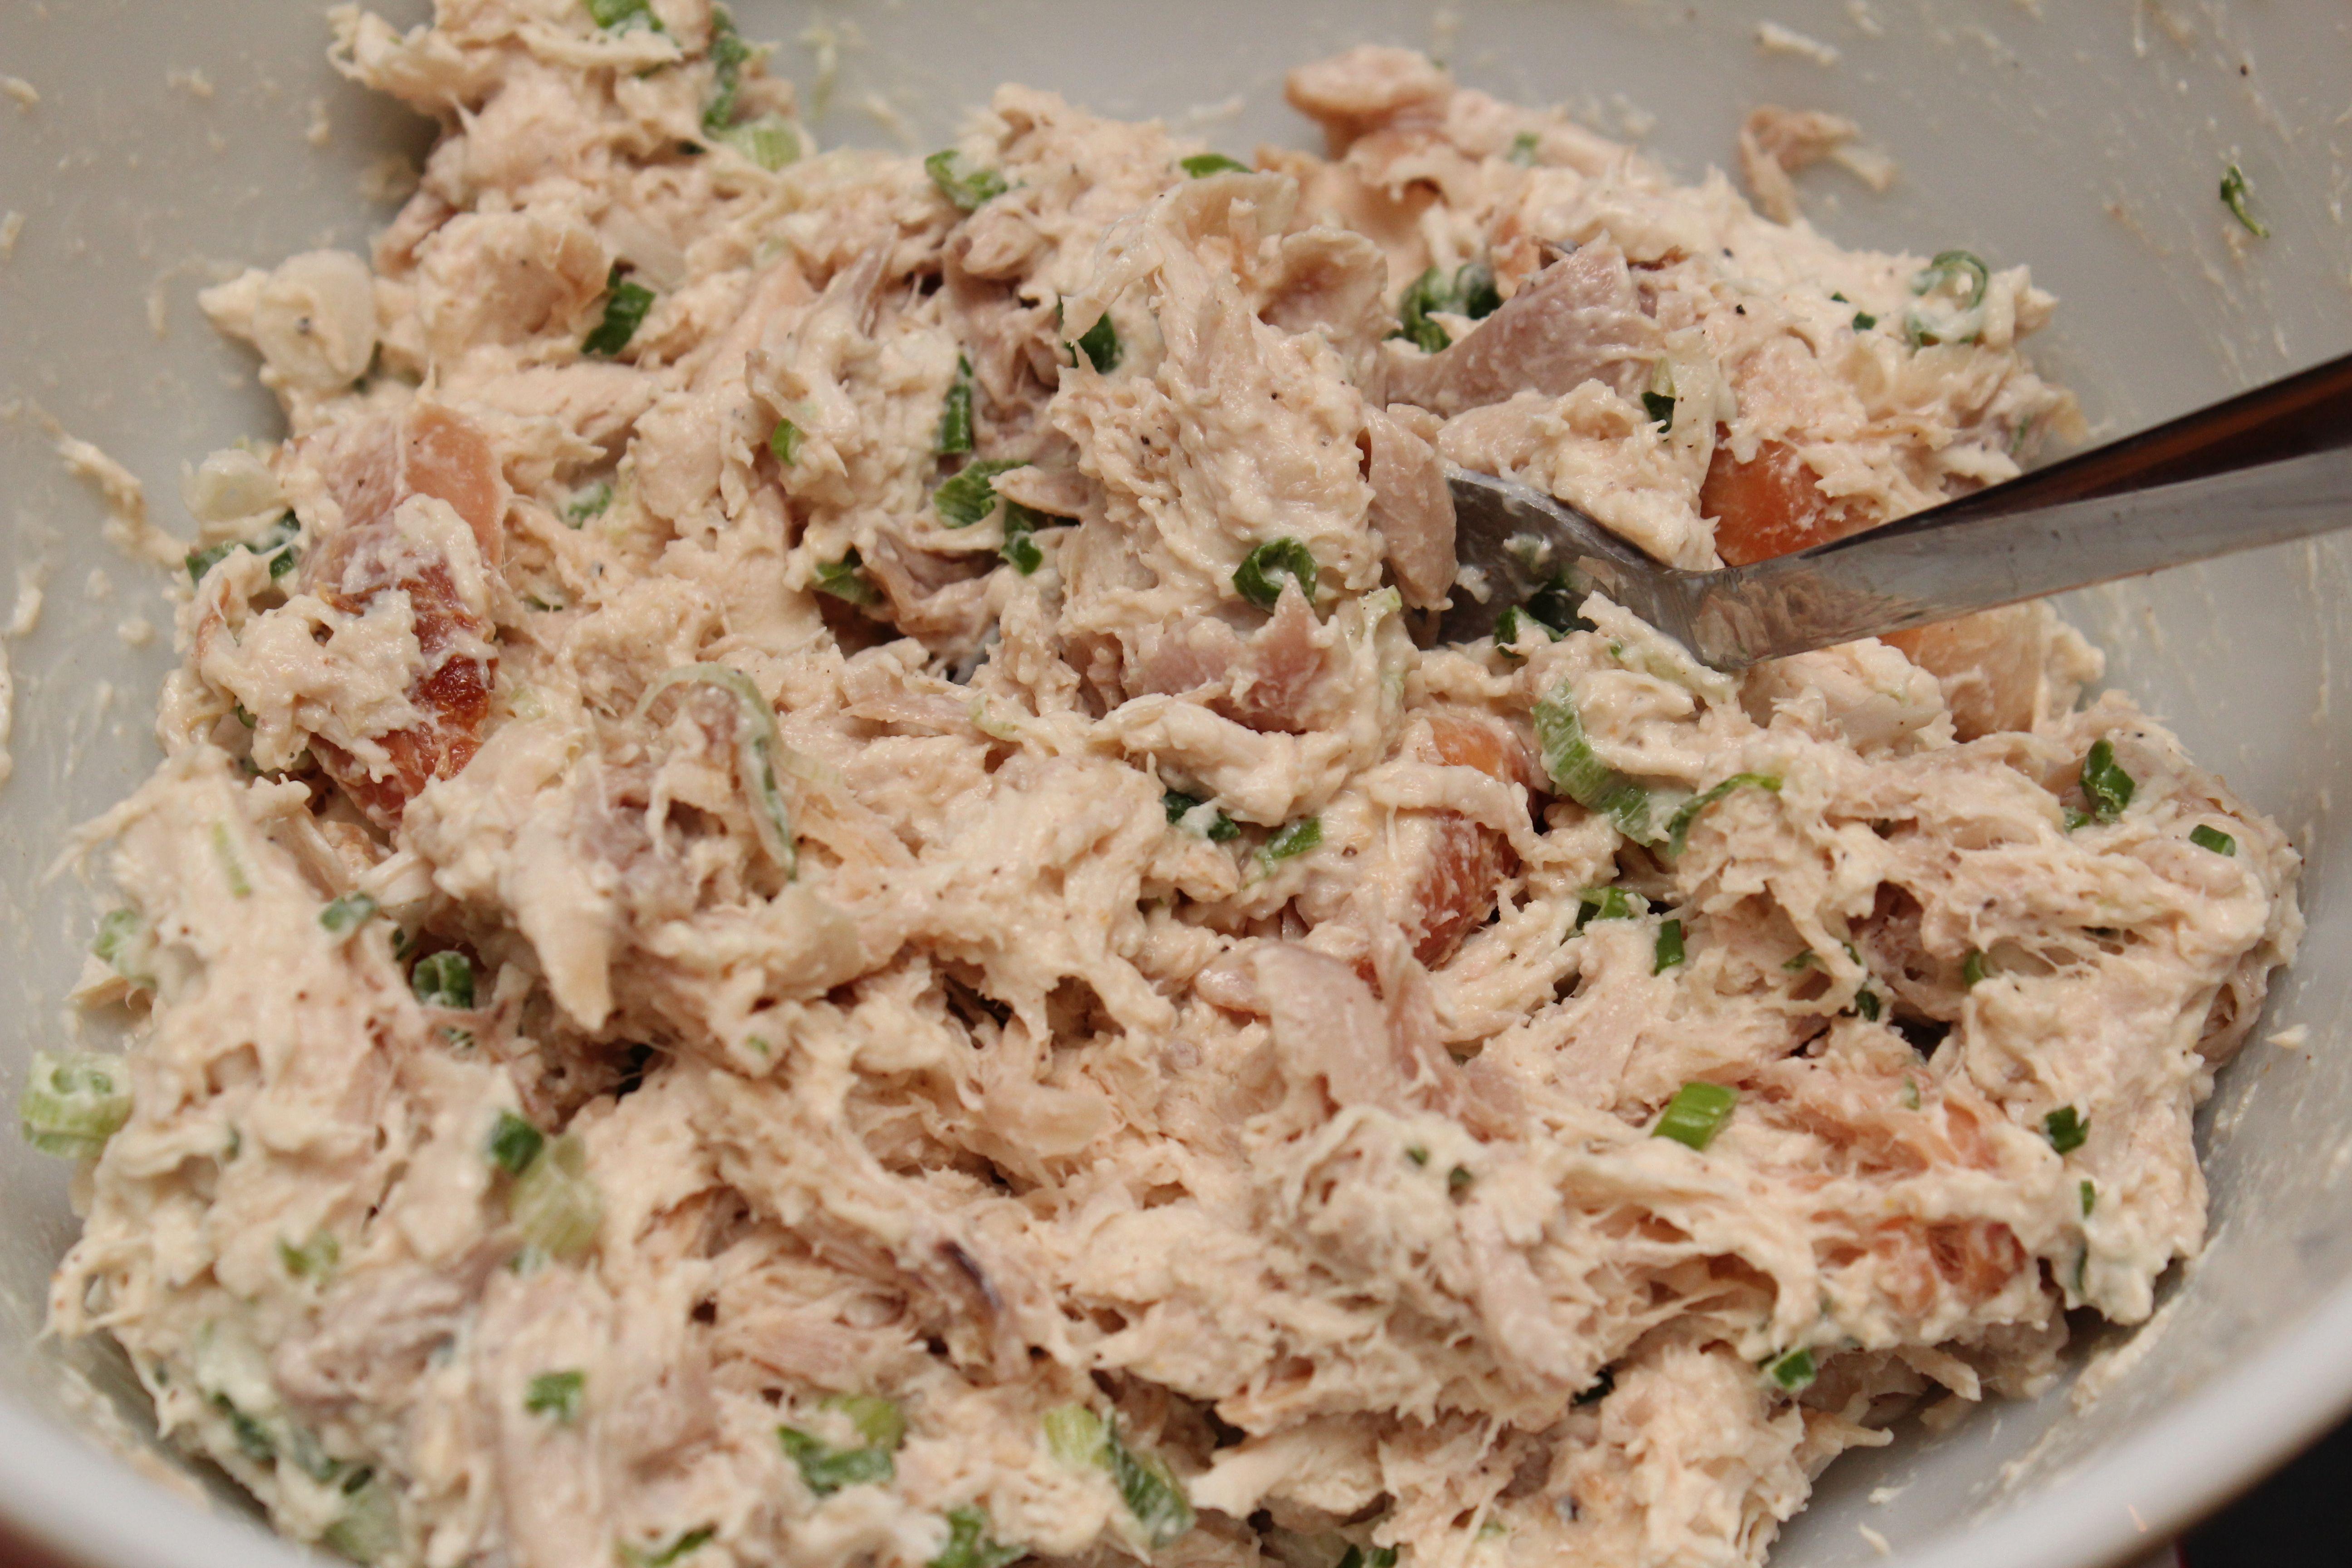 салаты из курицы рецепты с фото простые остановлюсь тех значениях